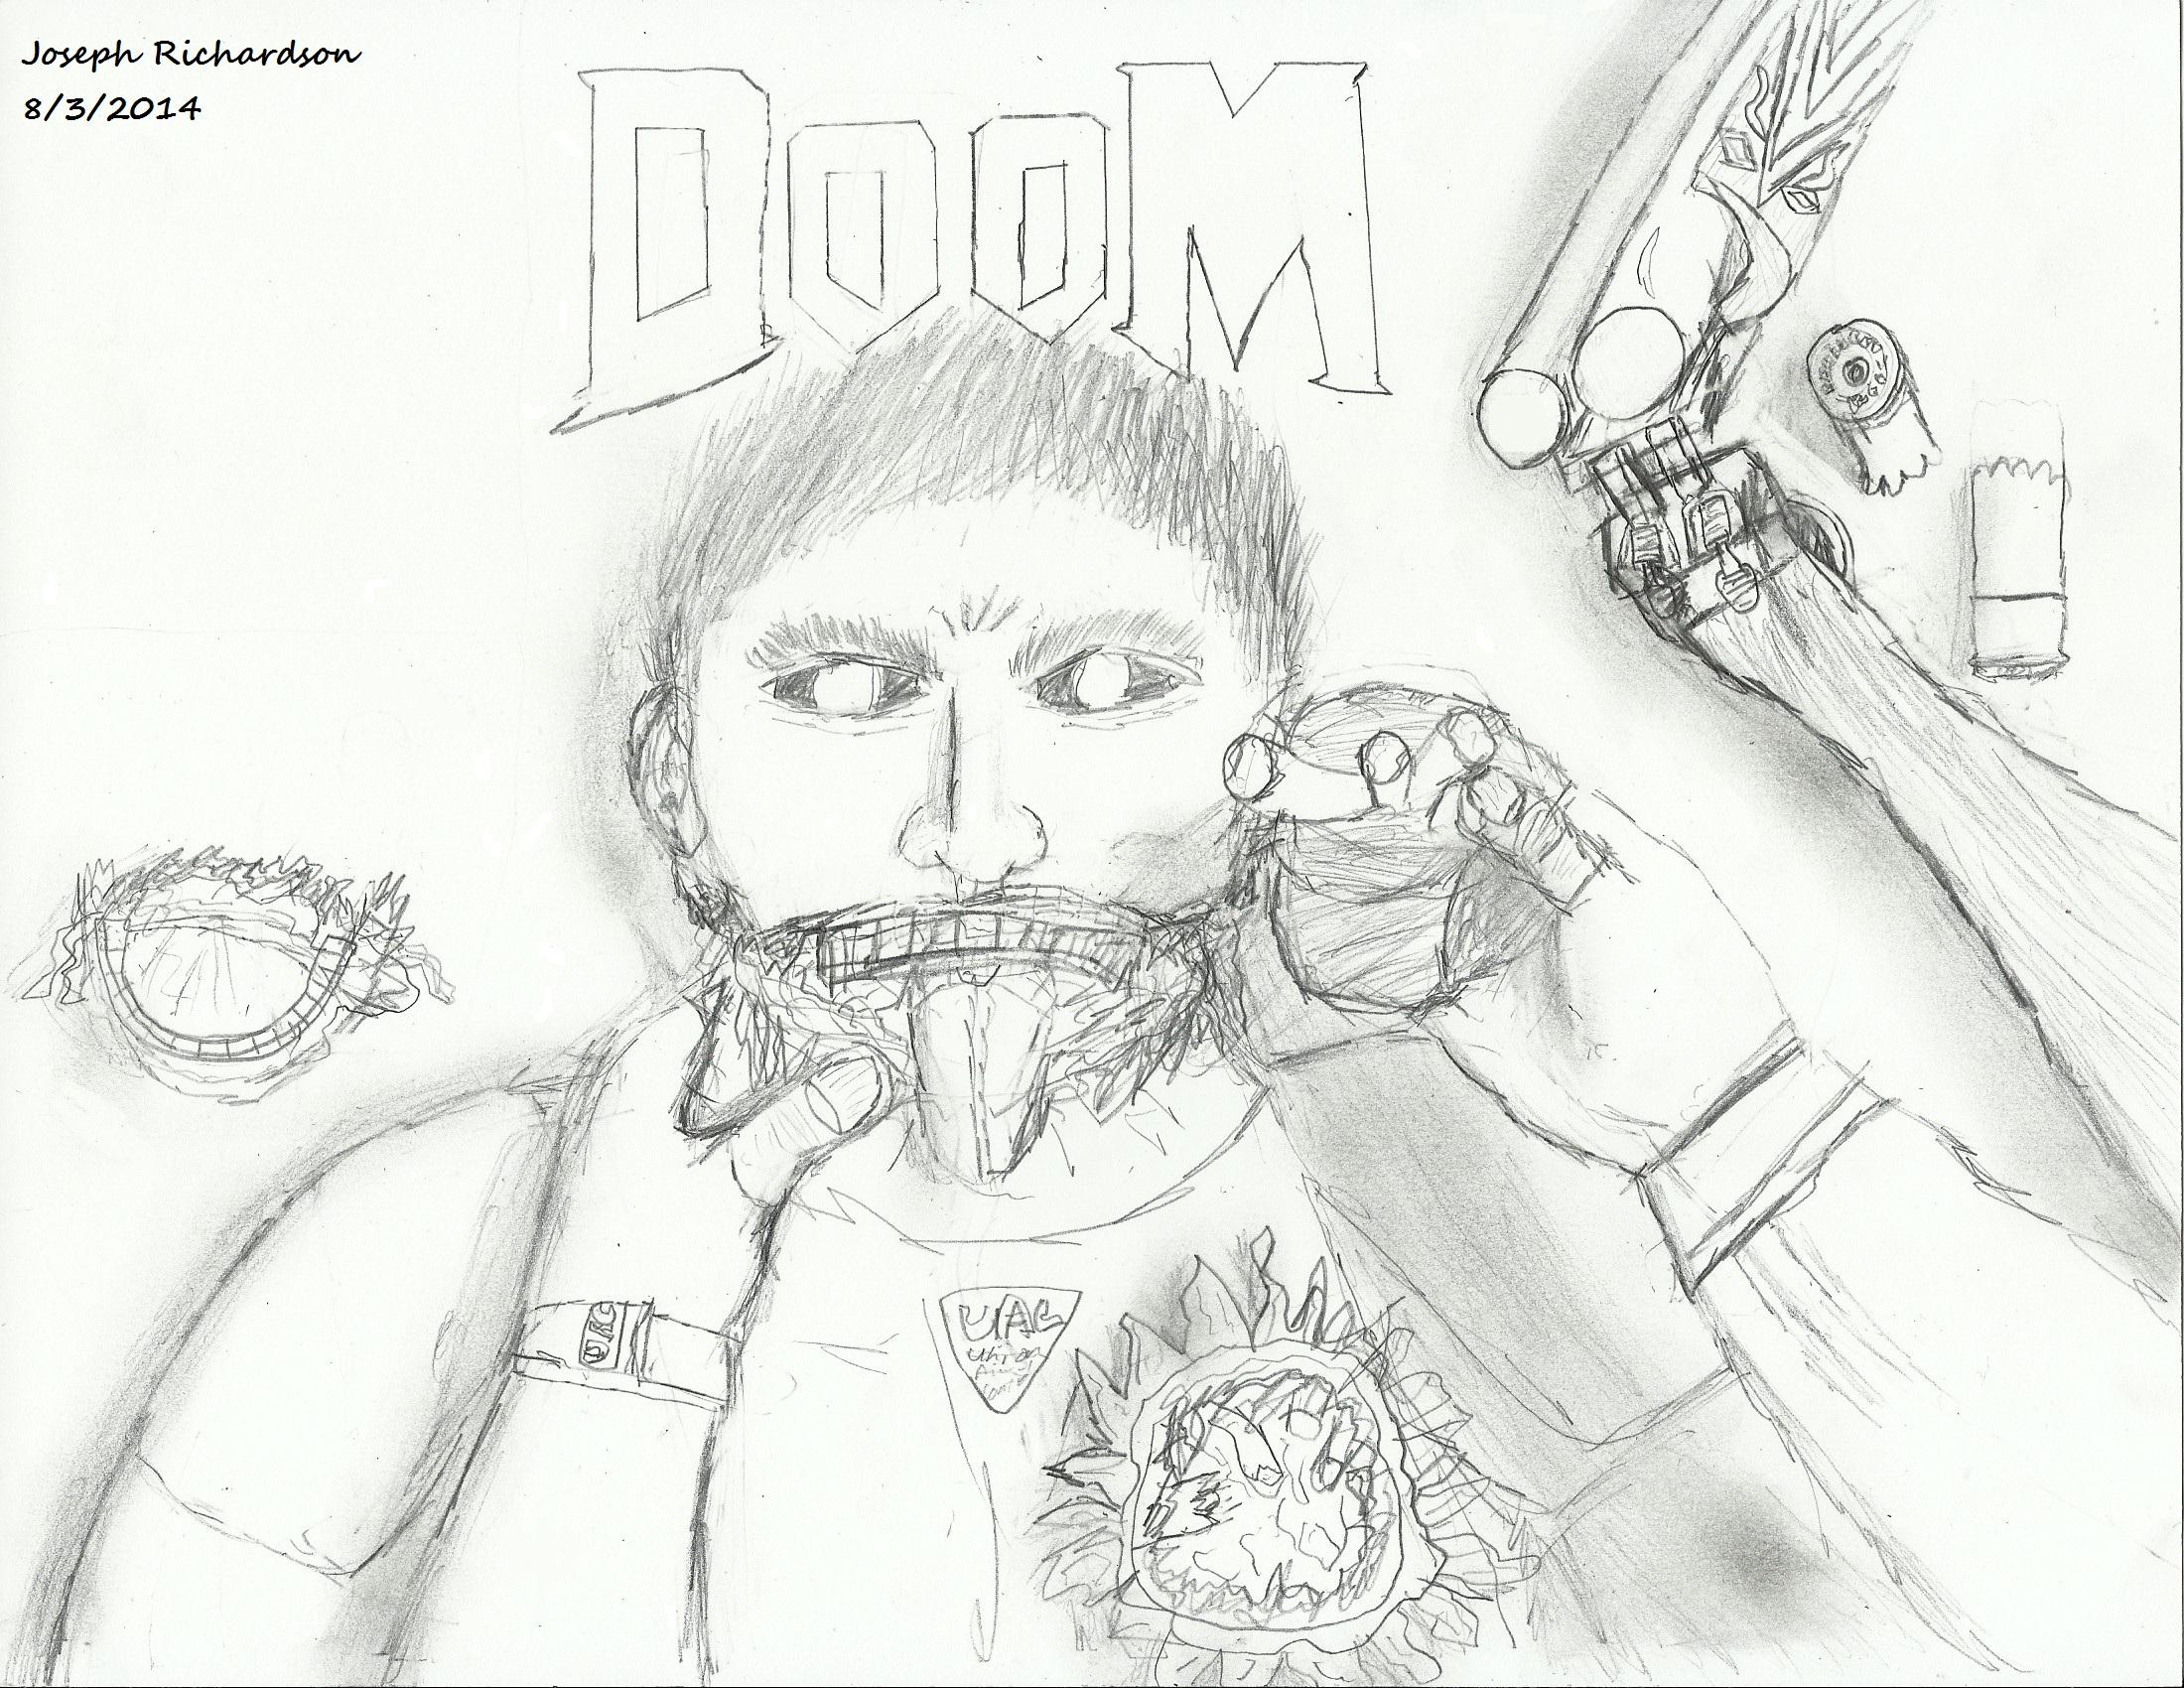 DooM/DooM 4 hype scetch